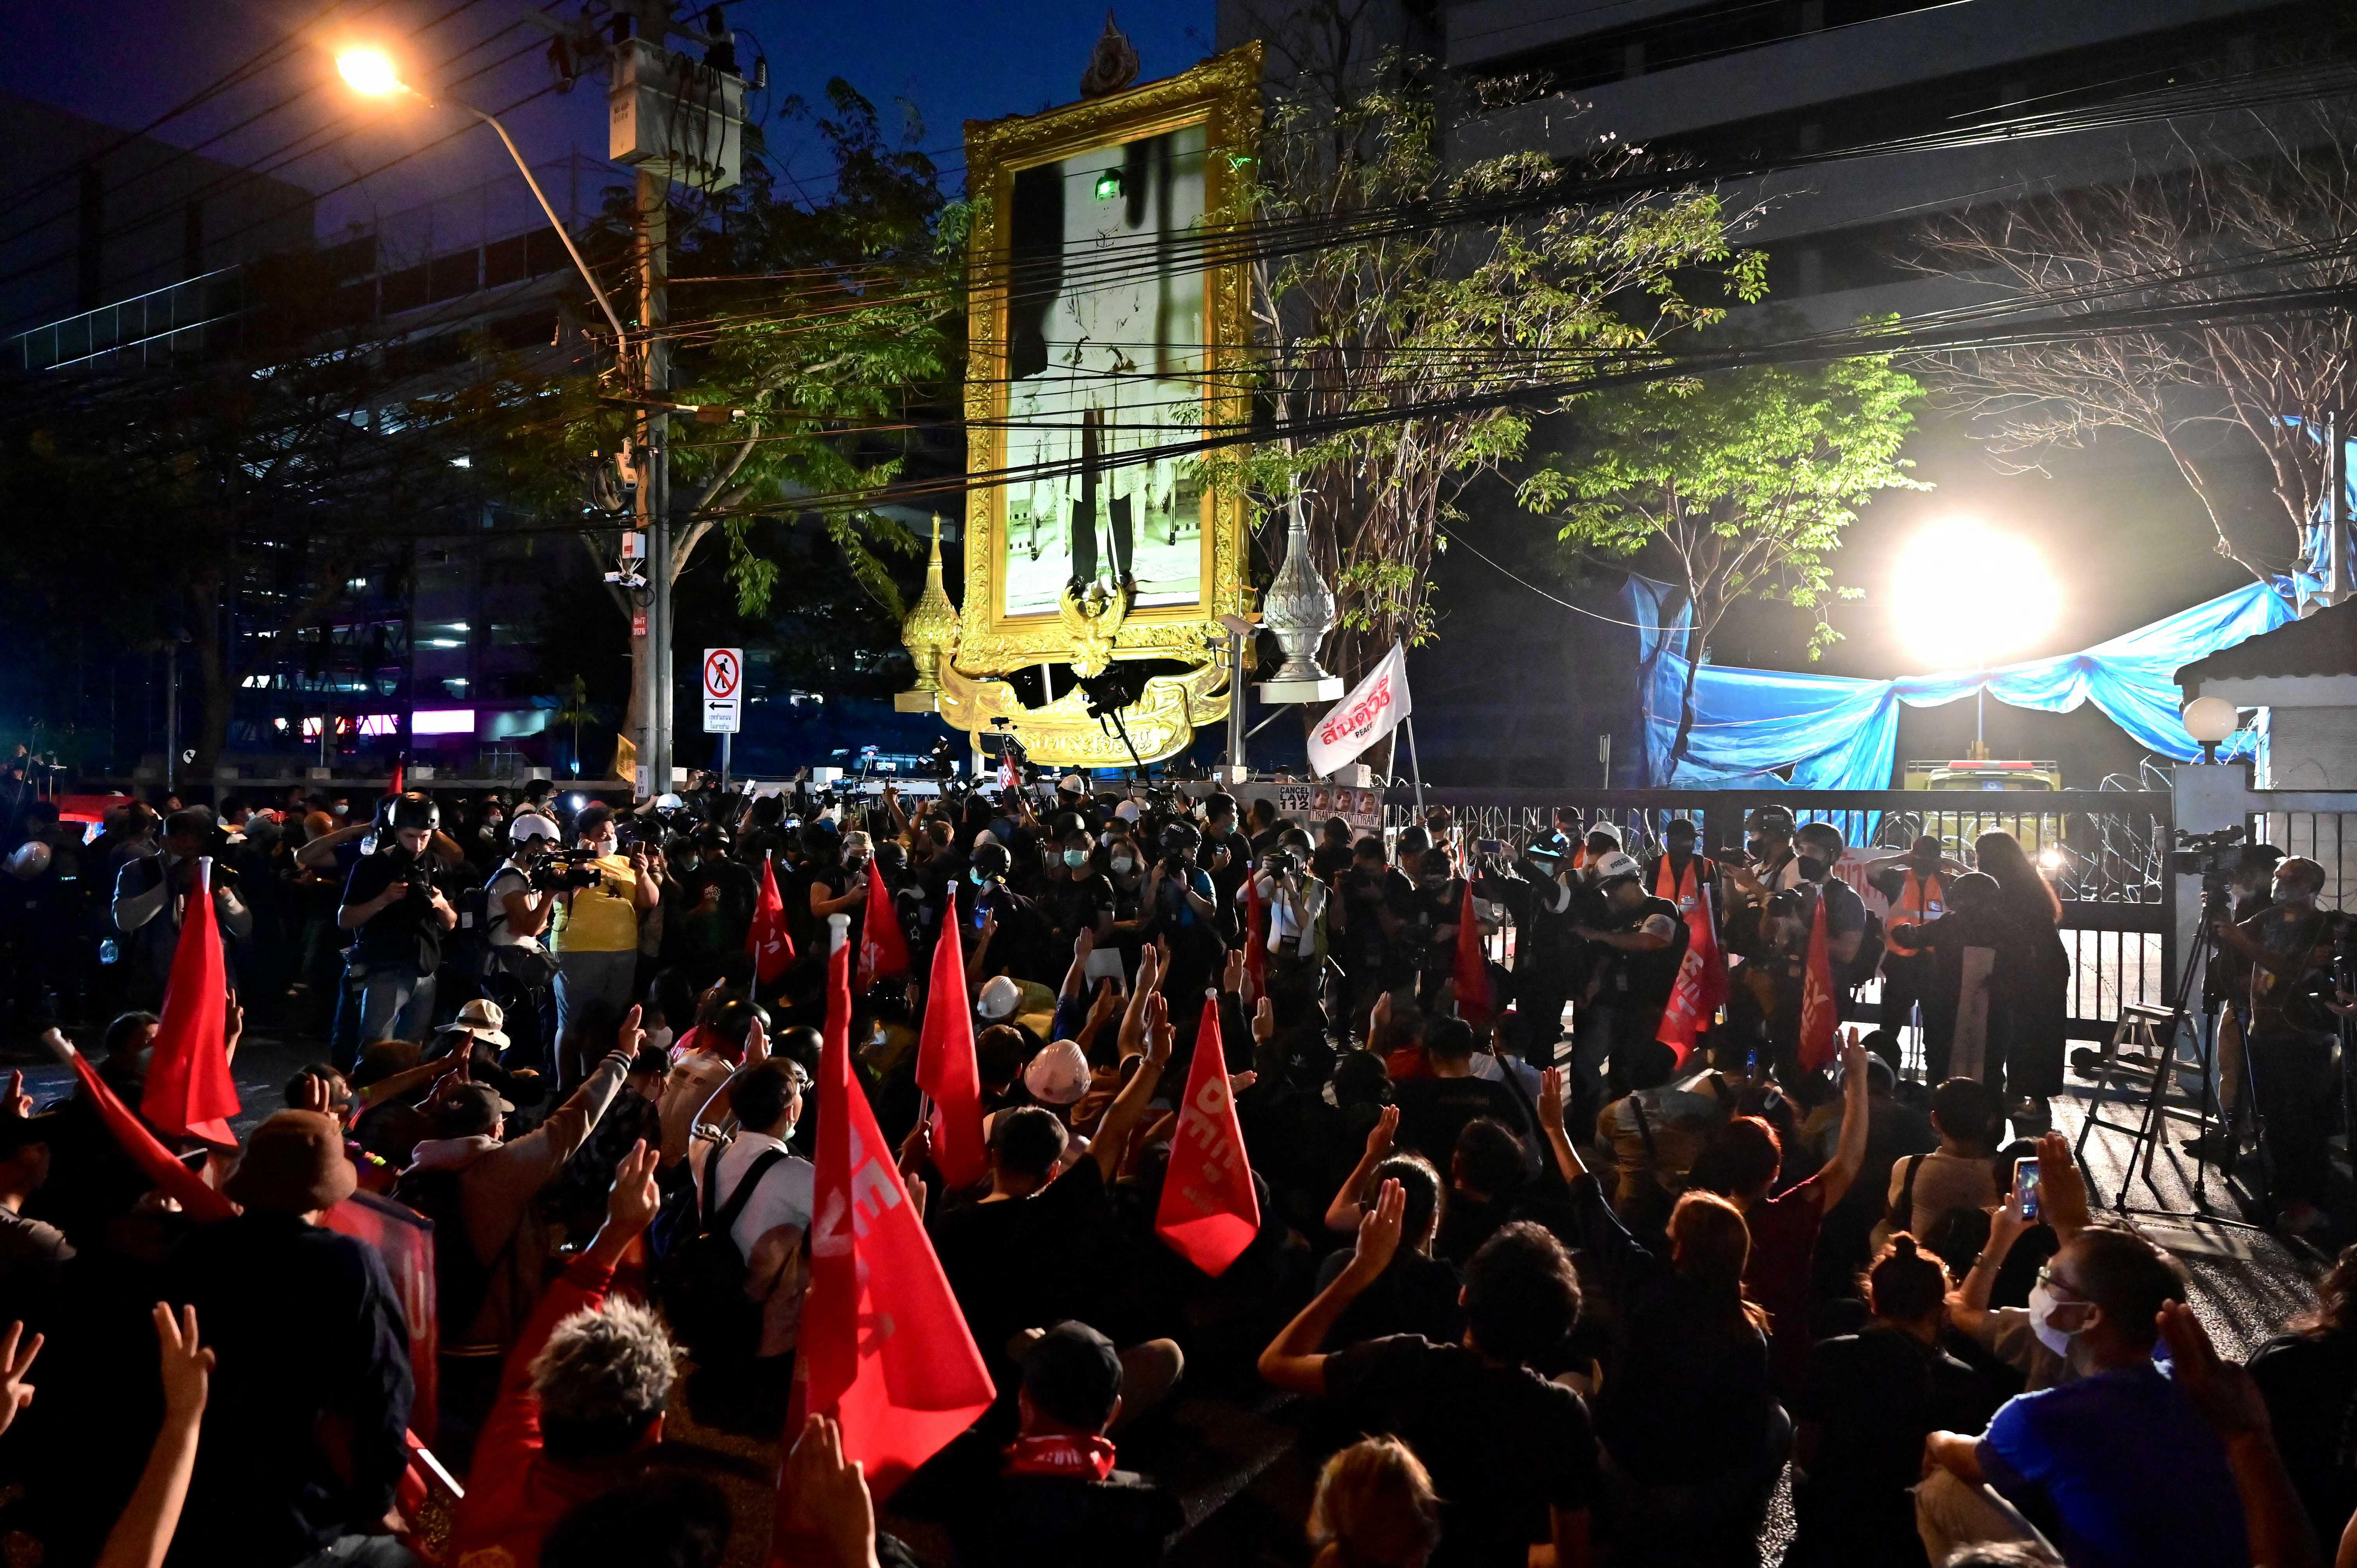 A gyülekezési tilalom ellenére is több százan tüntettek Bangkokban